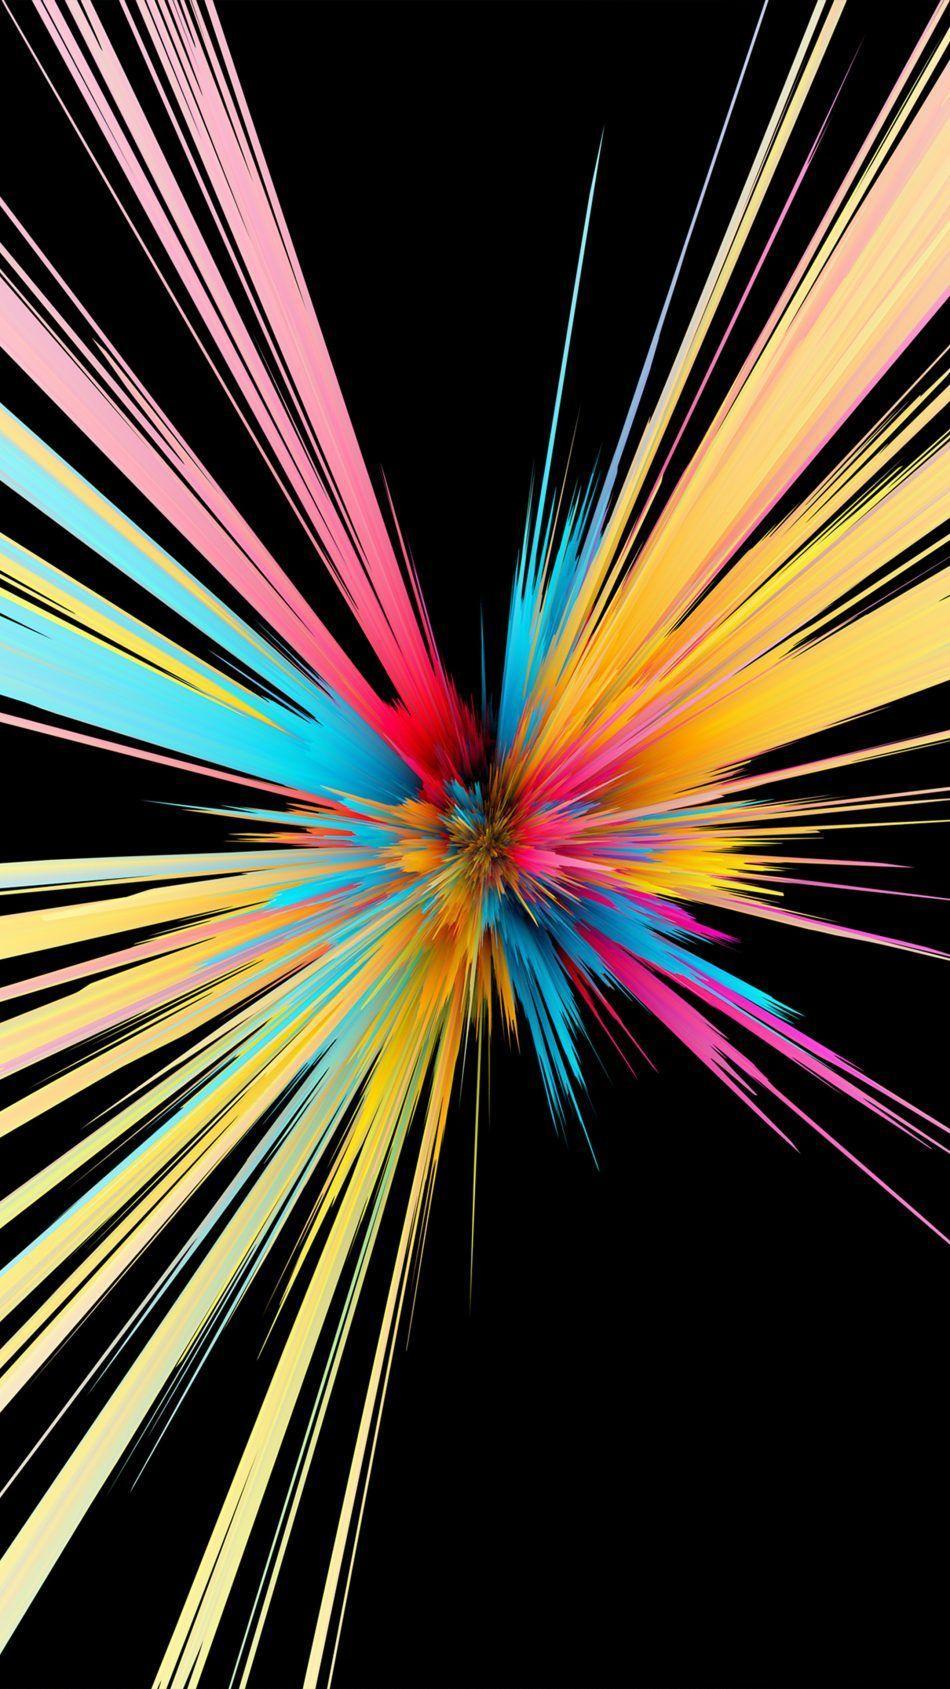 950x1689 Tải xuống các hạt đầy màu sắc Vụ nổ Nền đen 4K tinh khiết miễn phí